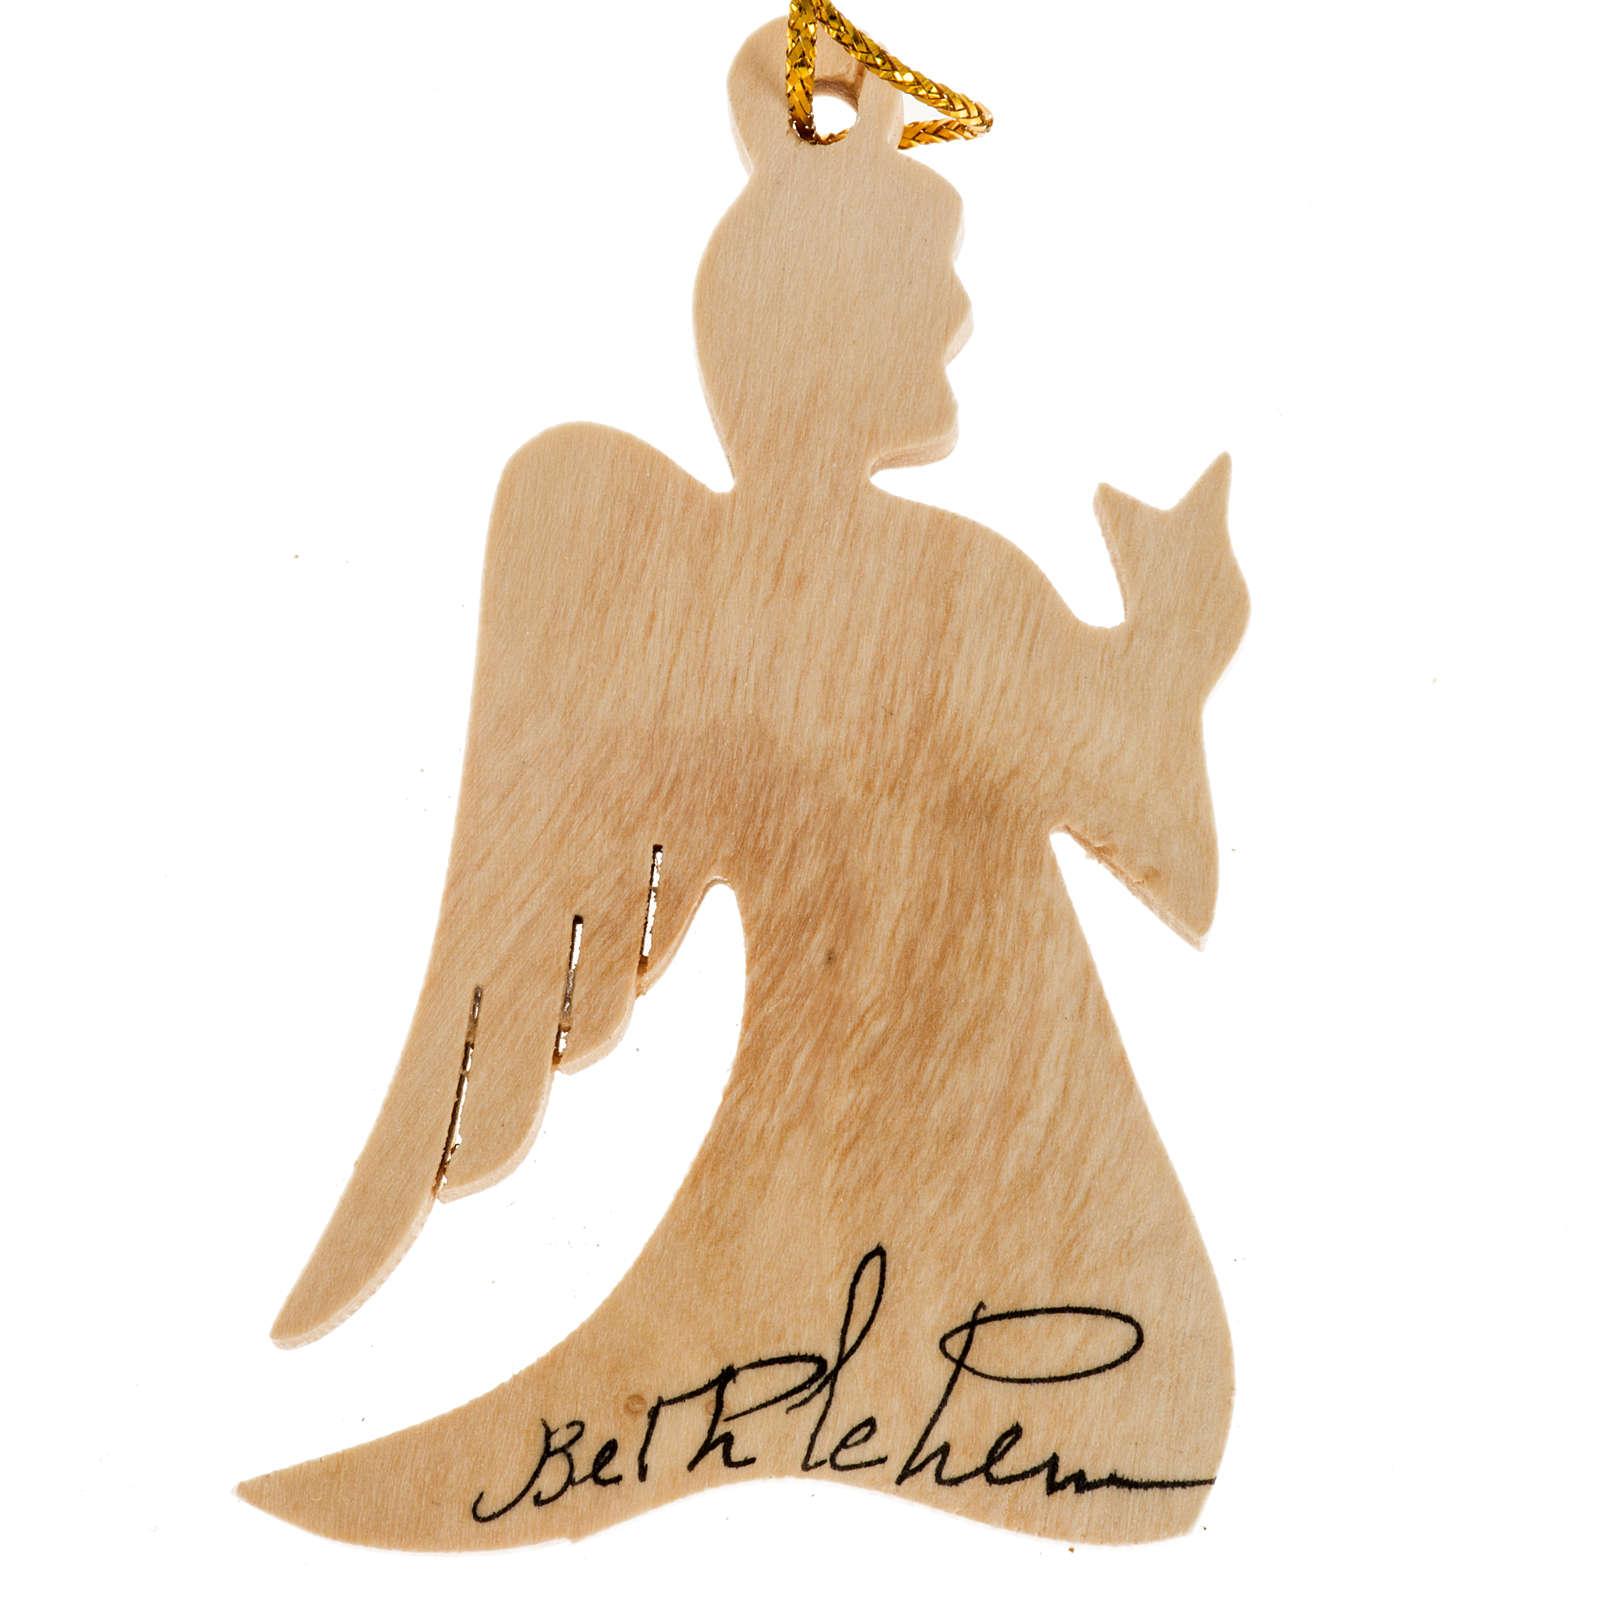 Addobbo albero legno olivo Palestina angelo 4